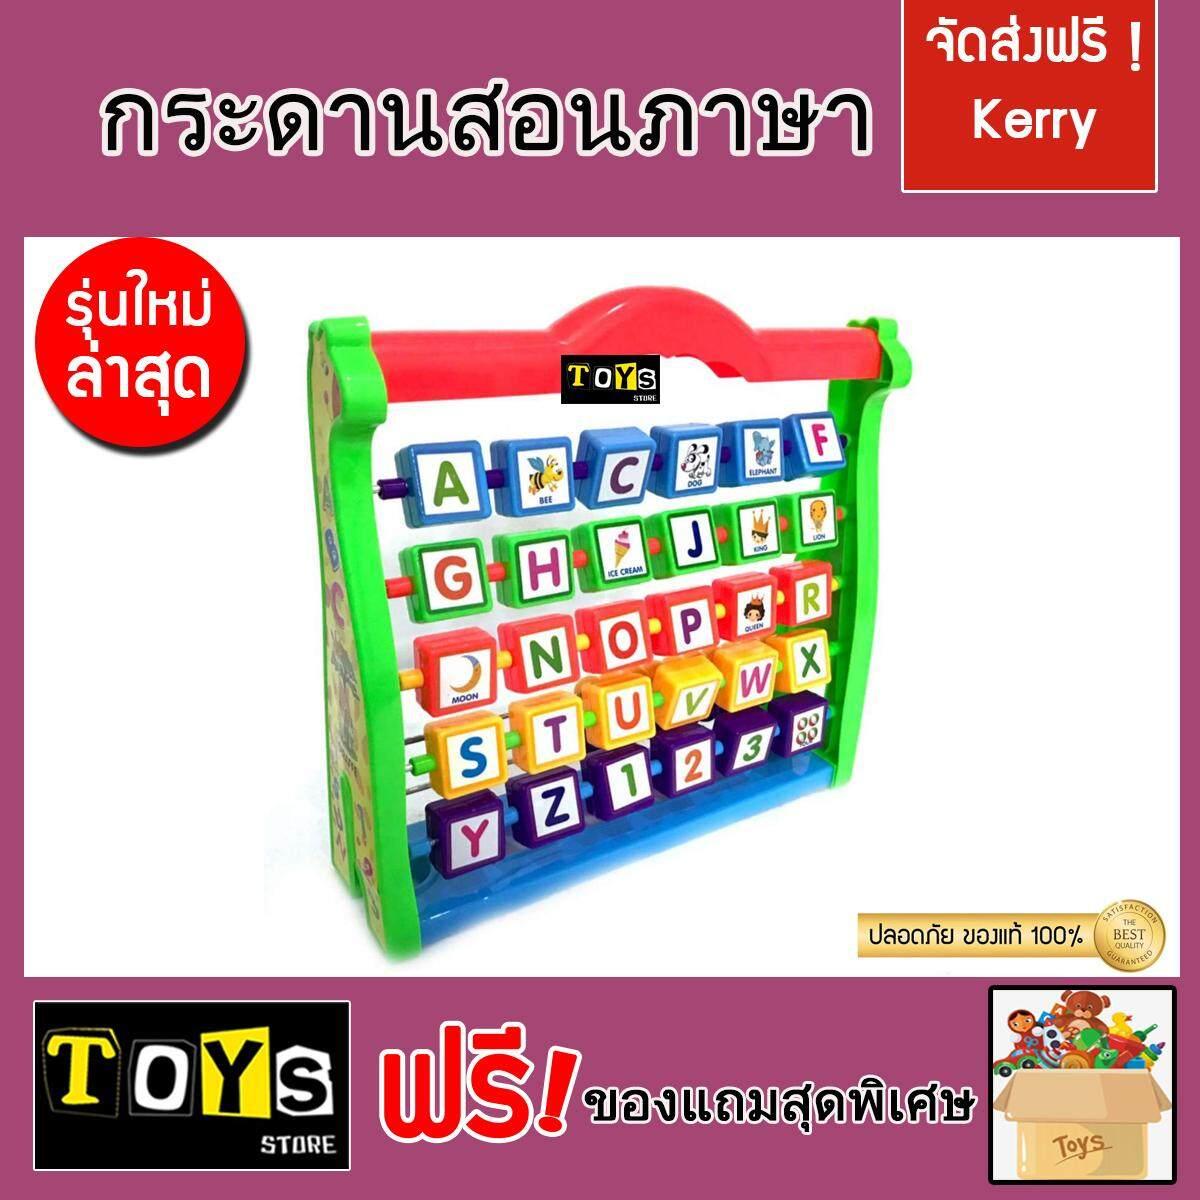 เก็บเงินปลายทางได้ กระดานสอนภาษา จิ๊กซอว์เด็ก ของเล่นเด็ก ของเล่นเด็กของเล่นเด็กโต ของเล่นเด็ก3ขวบ ของเล่นเด็ก10 ขวบ ของเล่นเด็ก5ขวบ ชุดของเล่นเด็ก ขายของเล่นเด็ก ส่งฟรี Kerry